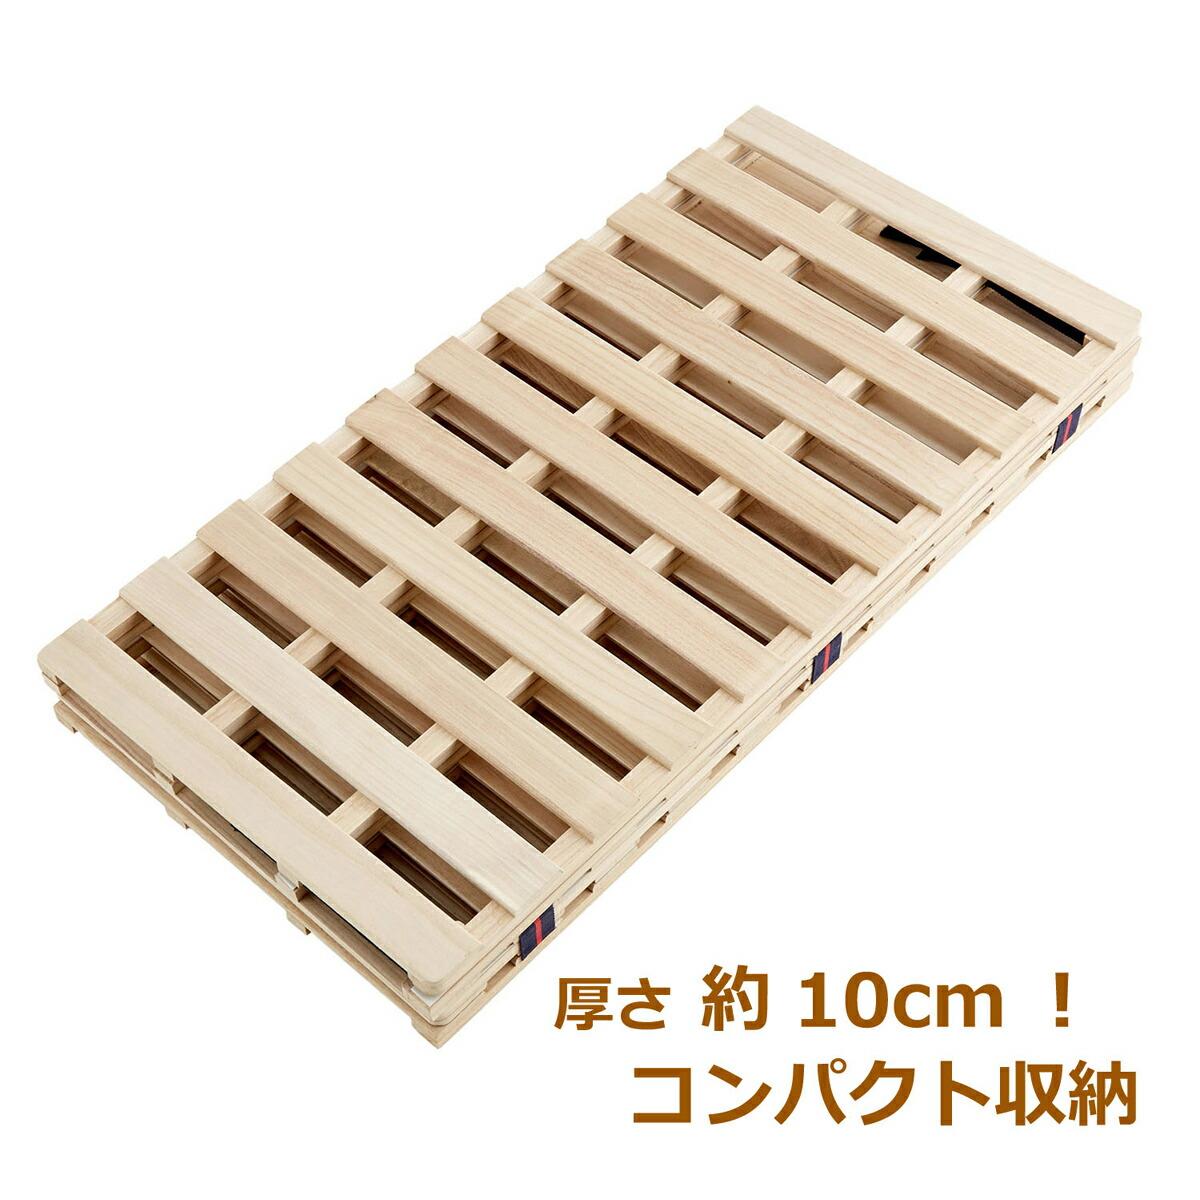 【送料無料】欠品中 次回5月上旬入荷予定 大竹産業 ロングタイプ 桐 すのこ ベッド ダブル 幅140X長さ210cm OSR-023 【メーカー直送・代引不可】